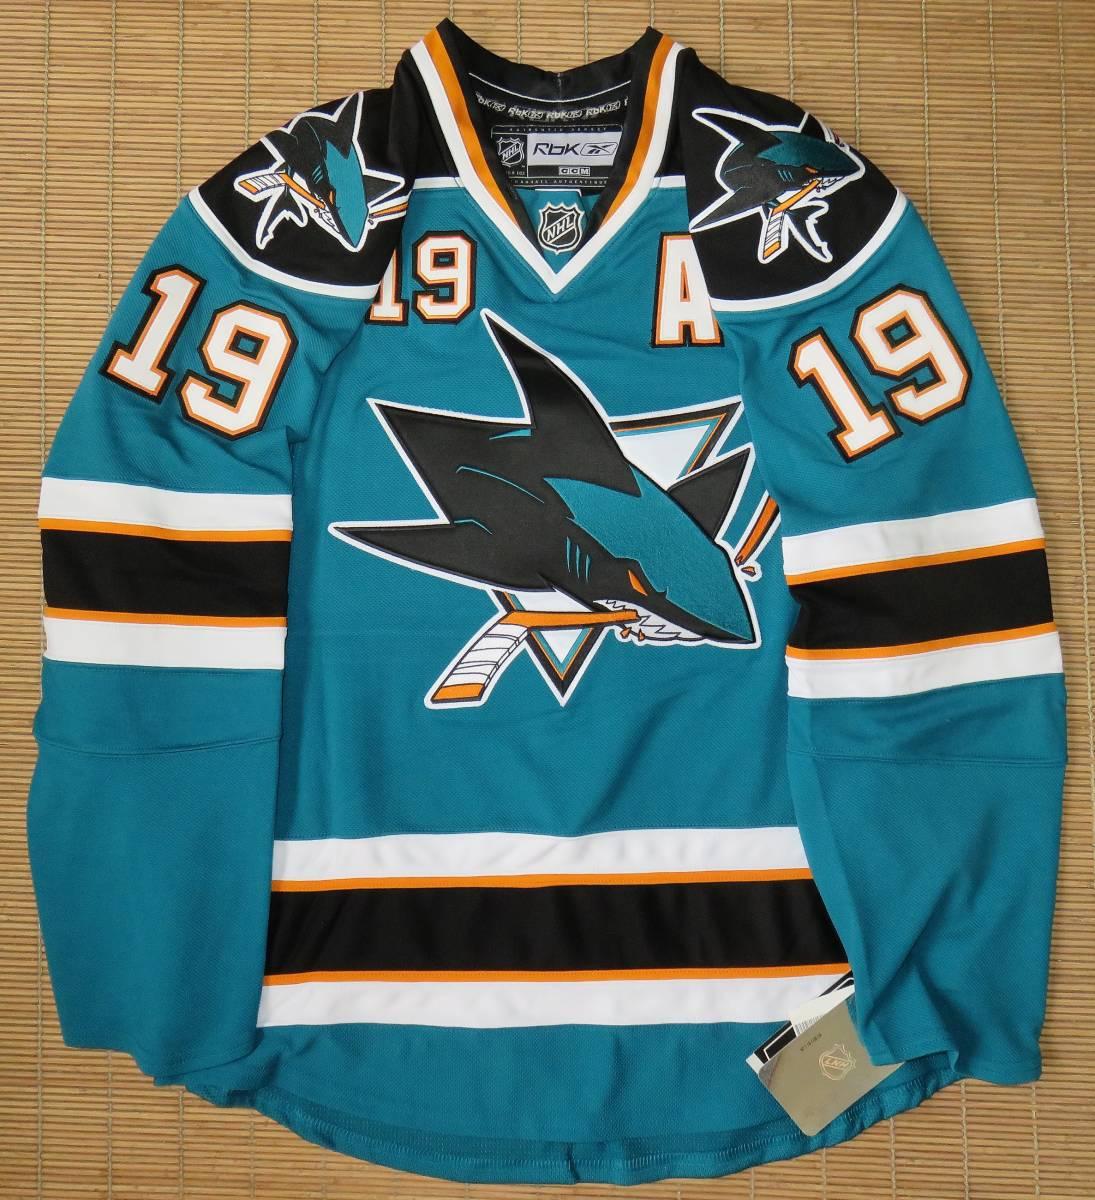 正規品 NHL サンノゼ・シャークス#19ジョー・ソーントン(カナダ代表/ブルーインズ)ホーム用/オーセンティック ジャージ/ユニフォーム_画像1